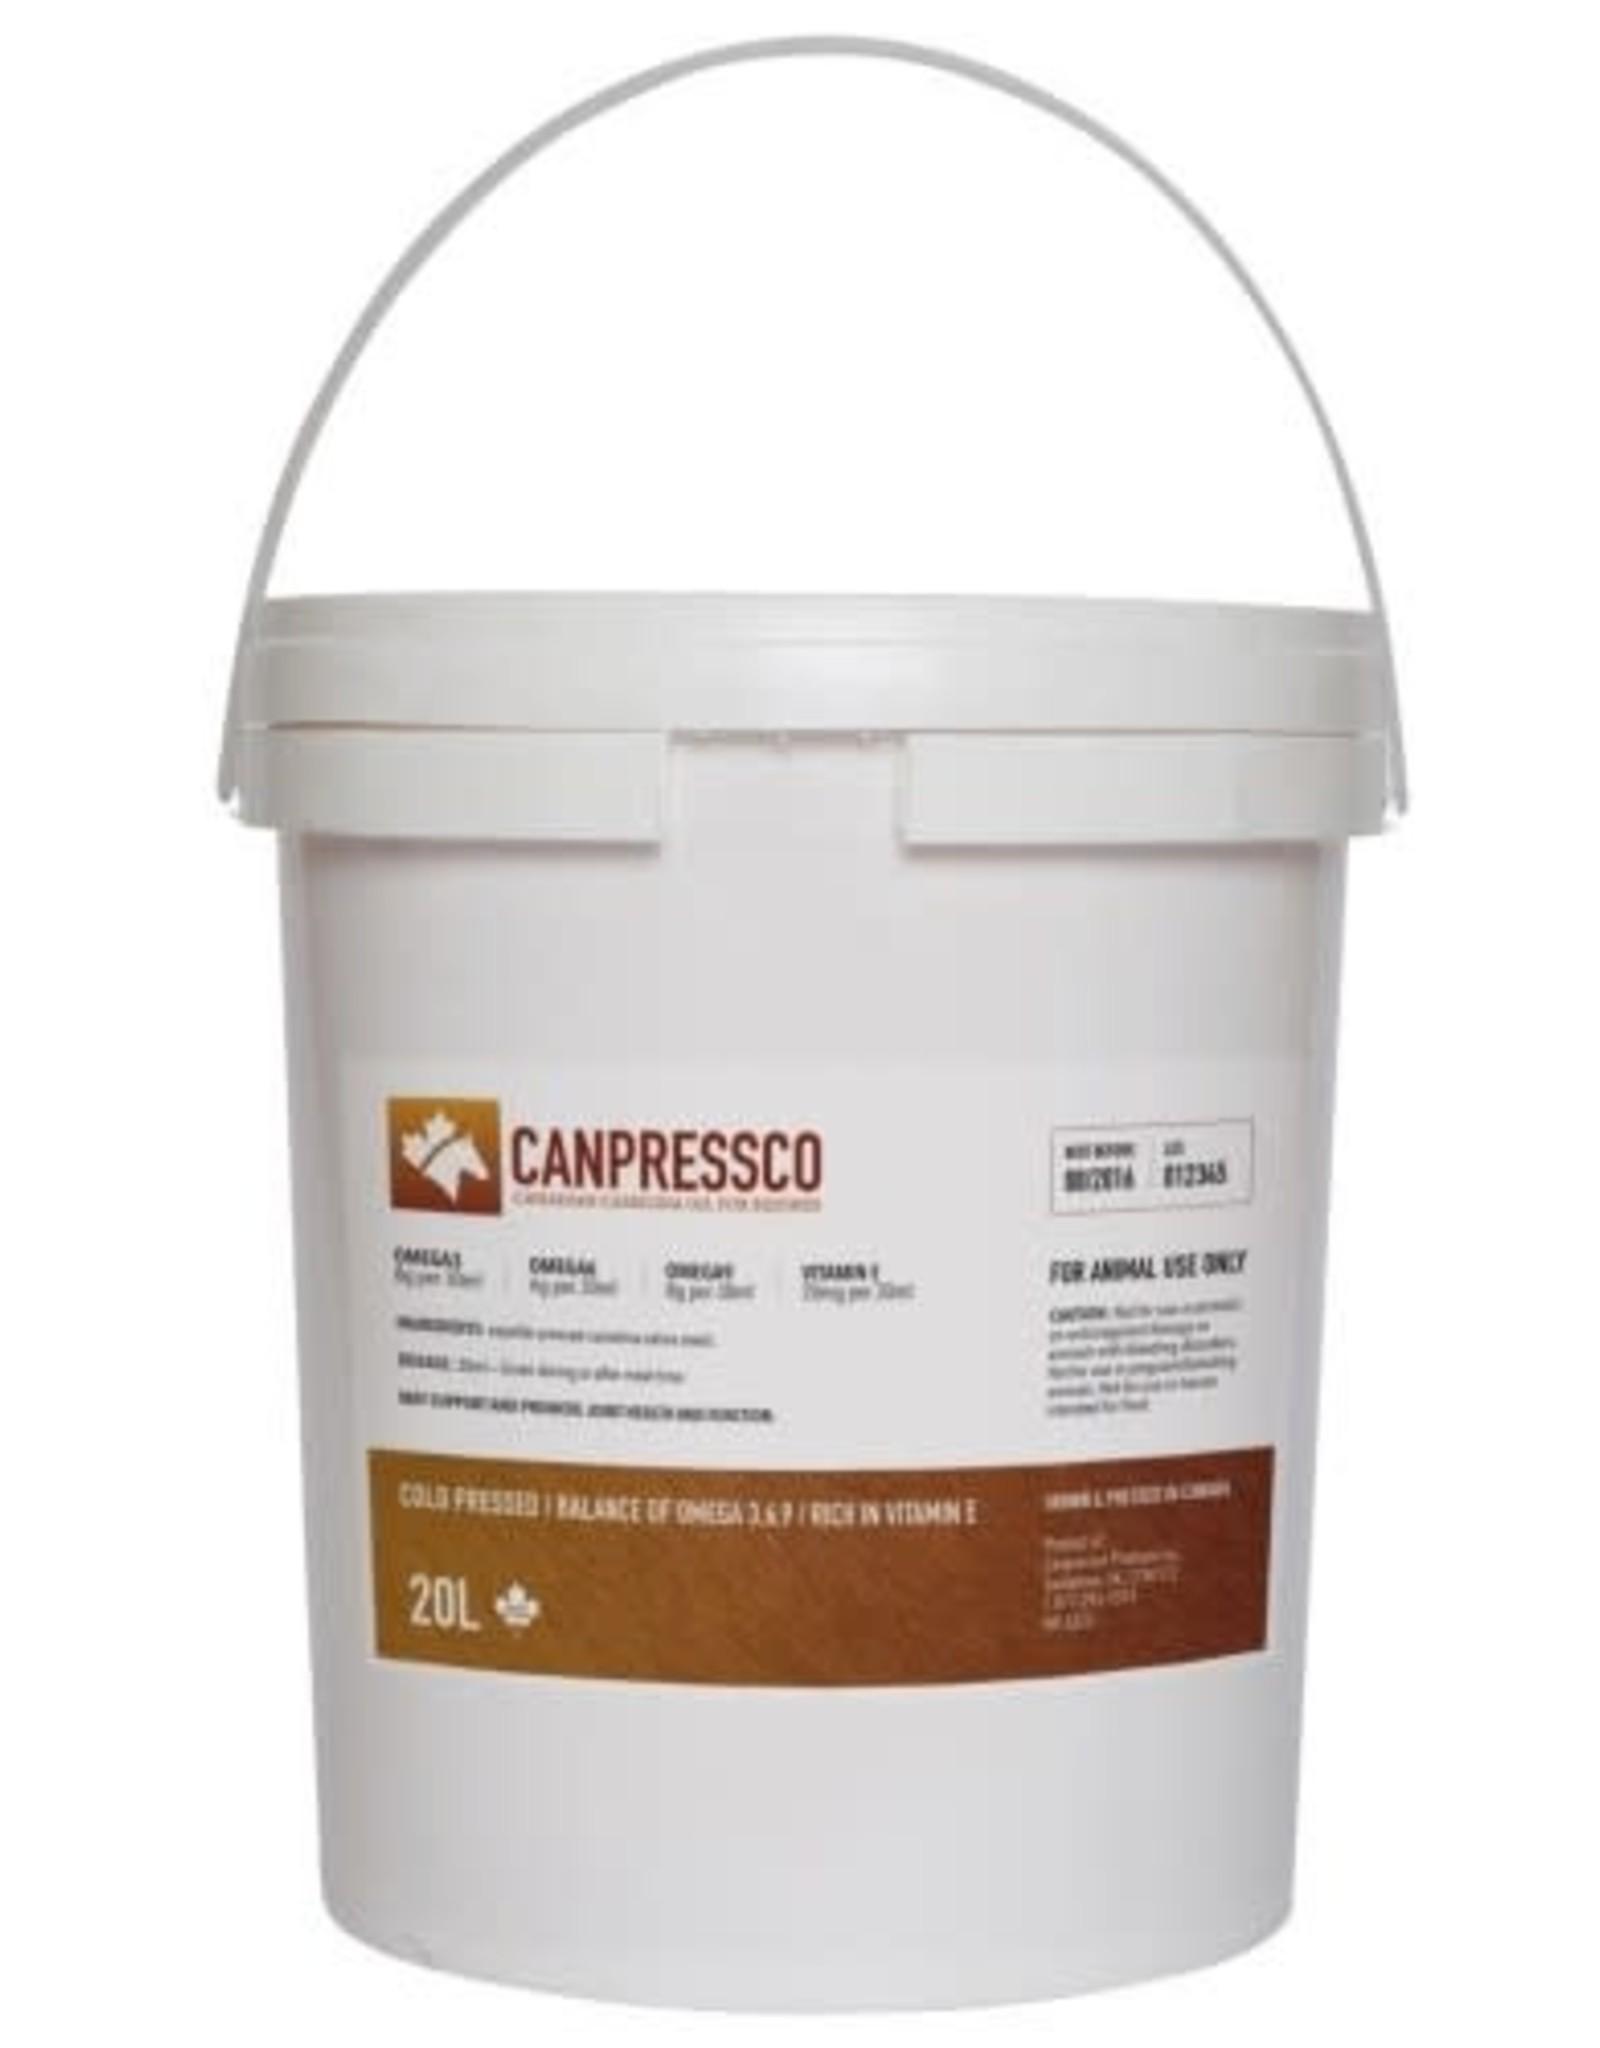 Canpressco CANPRESSCO CAMELINA OIL, 20 L